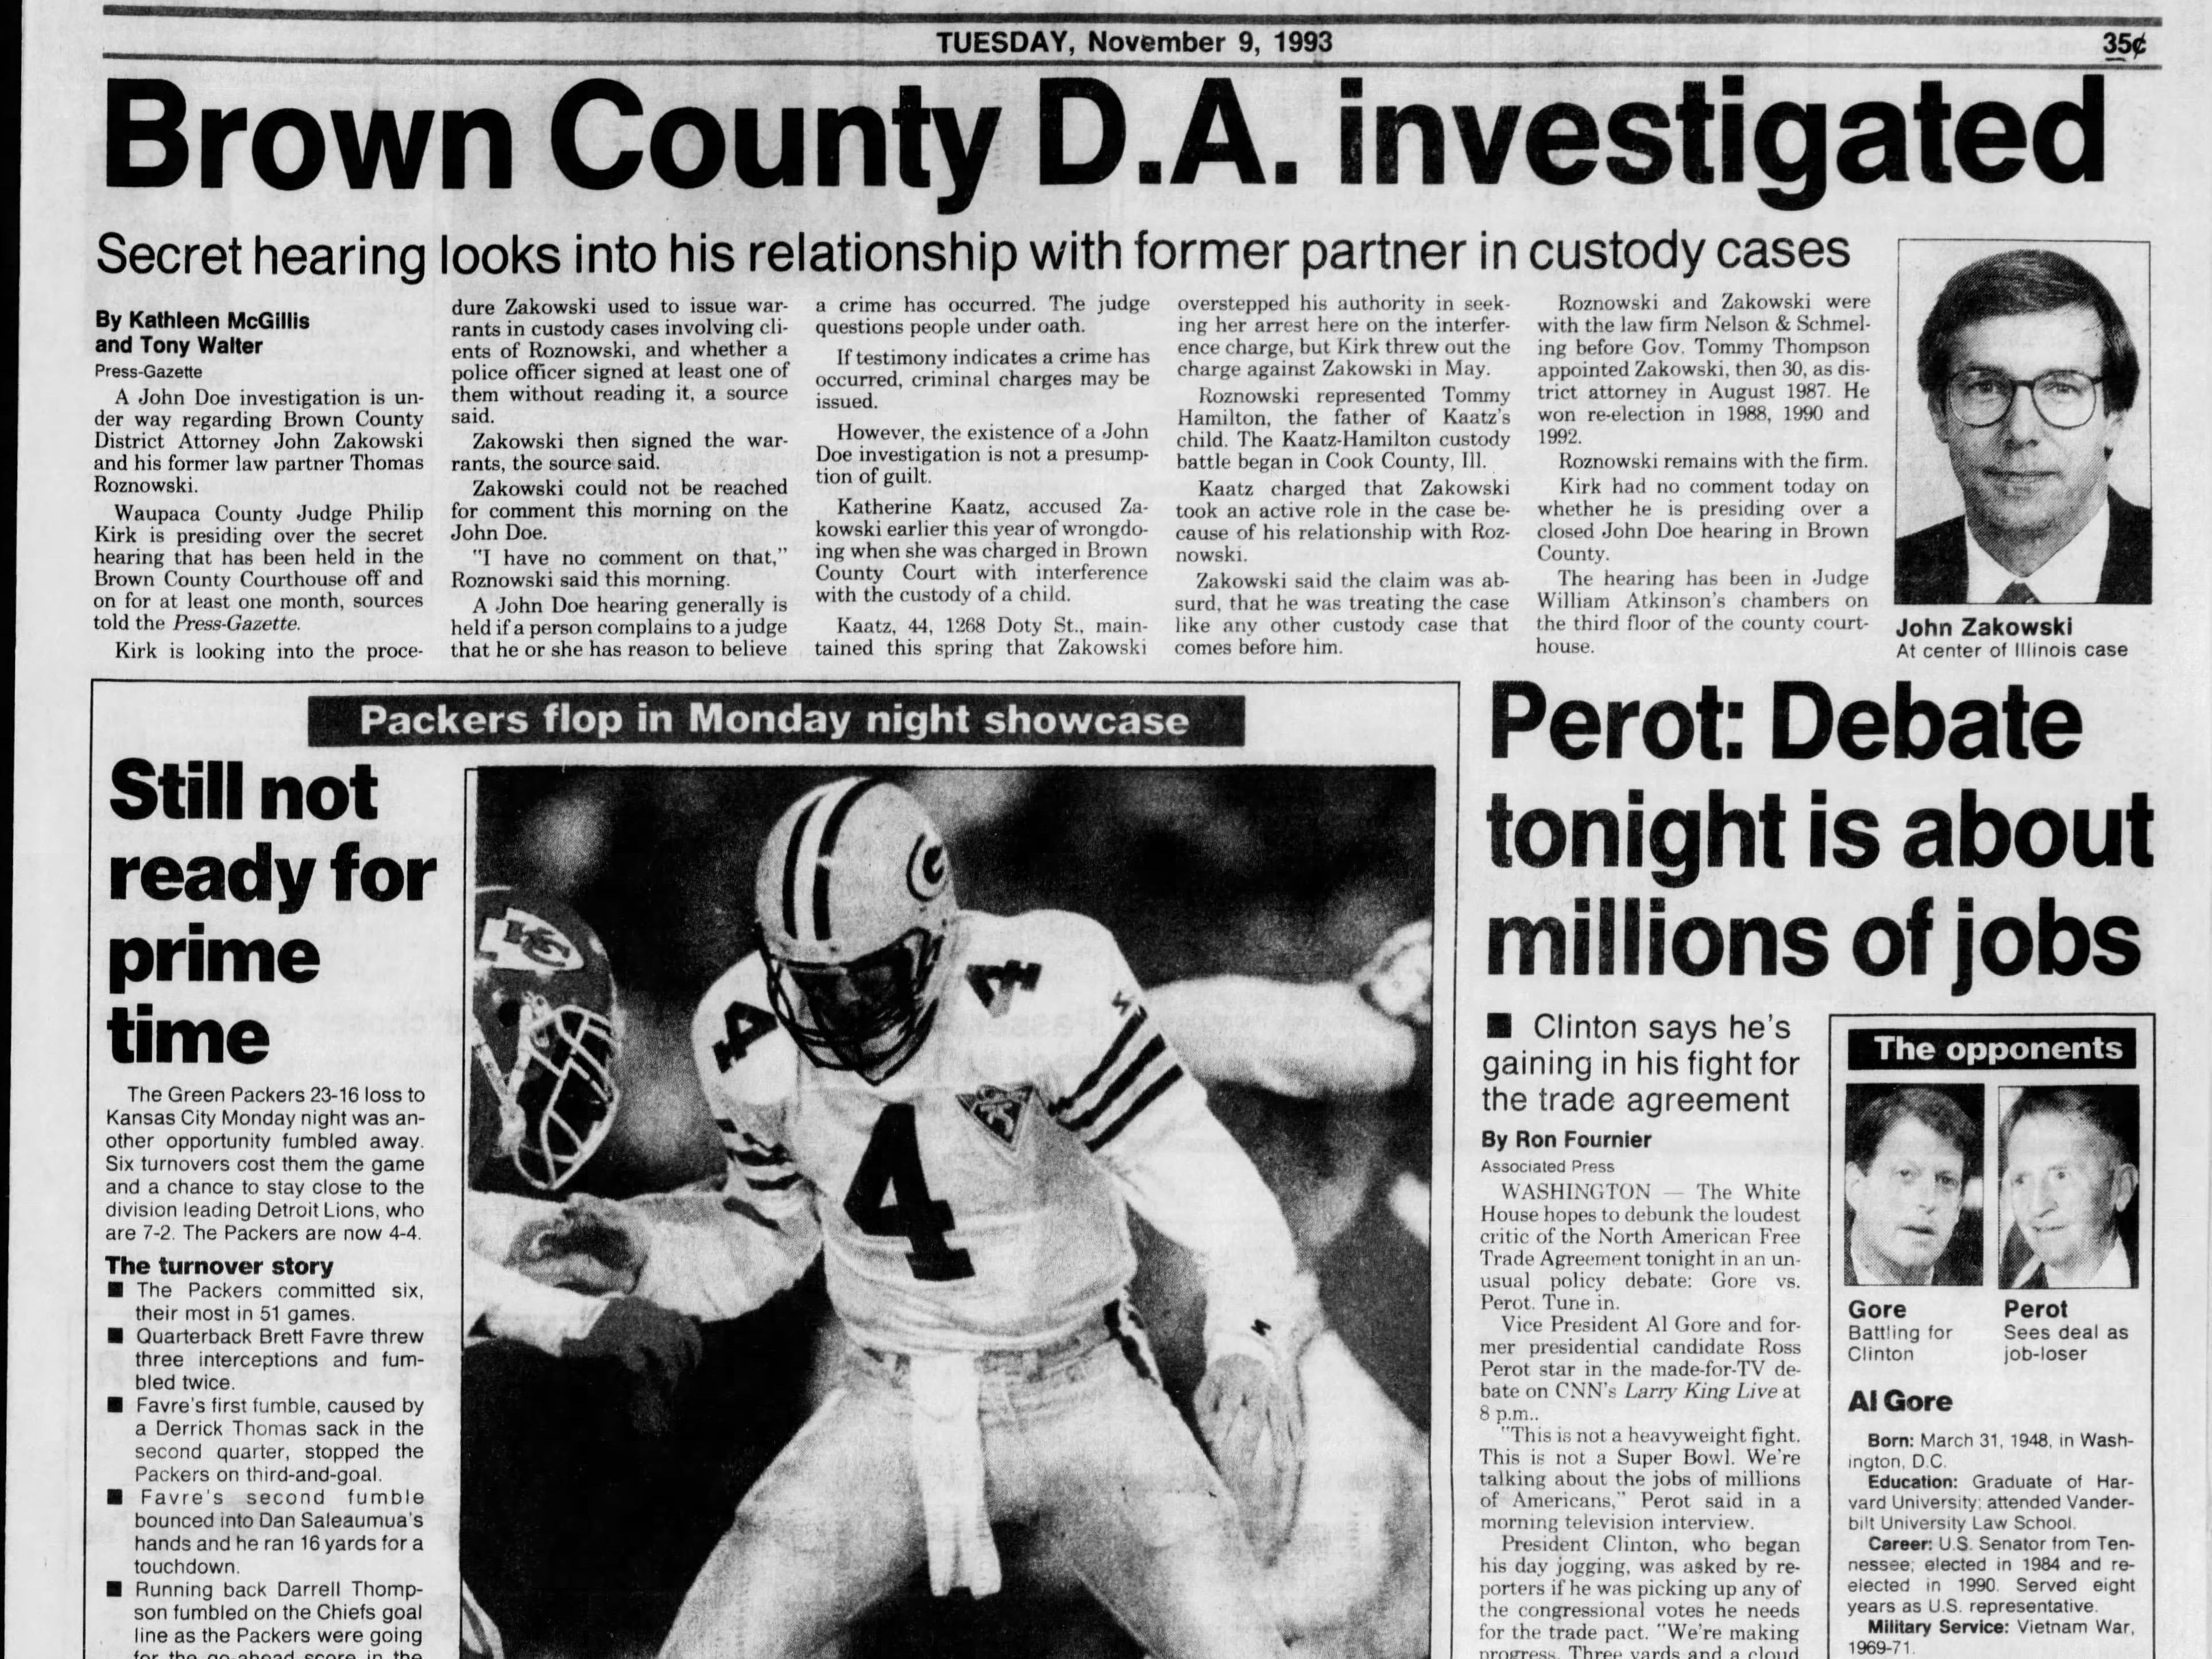 Today in History: Nov. 9, 1993